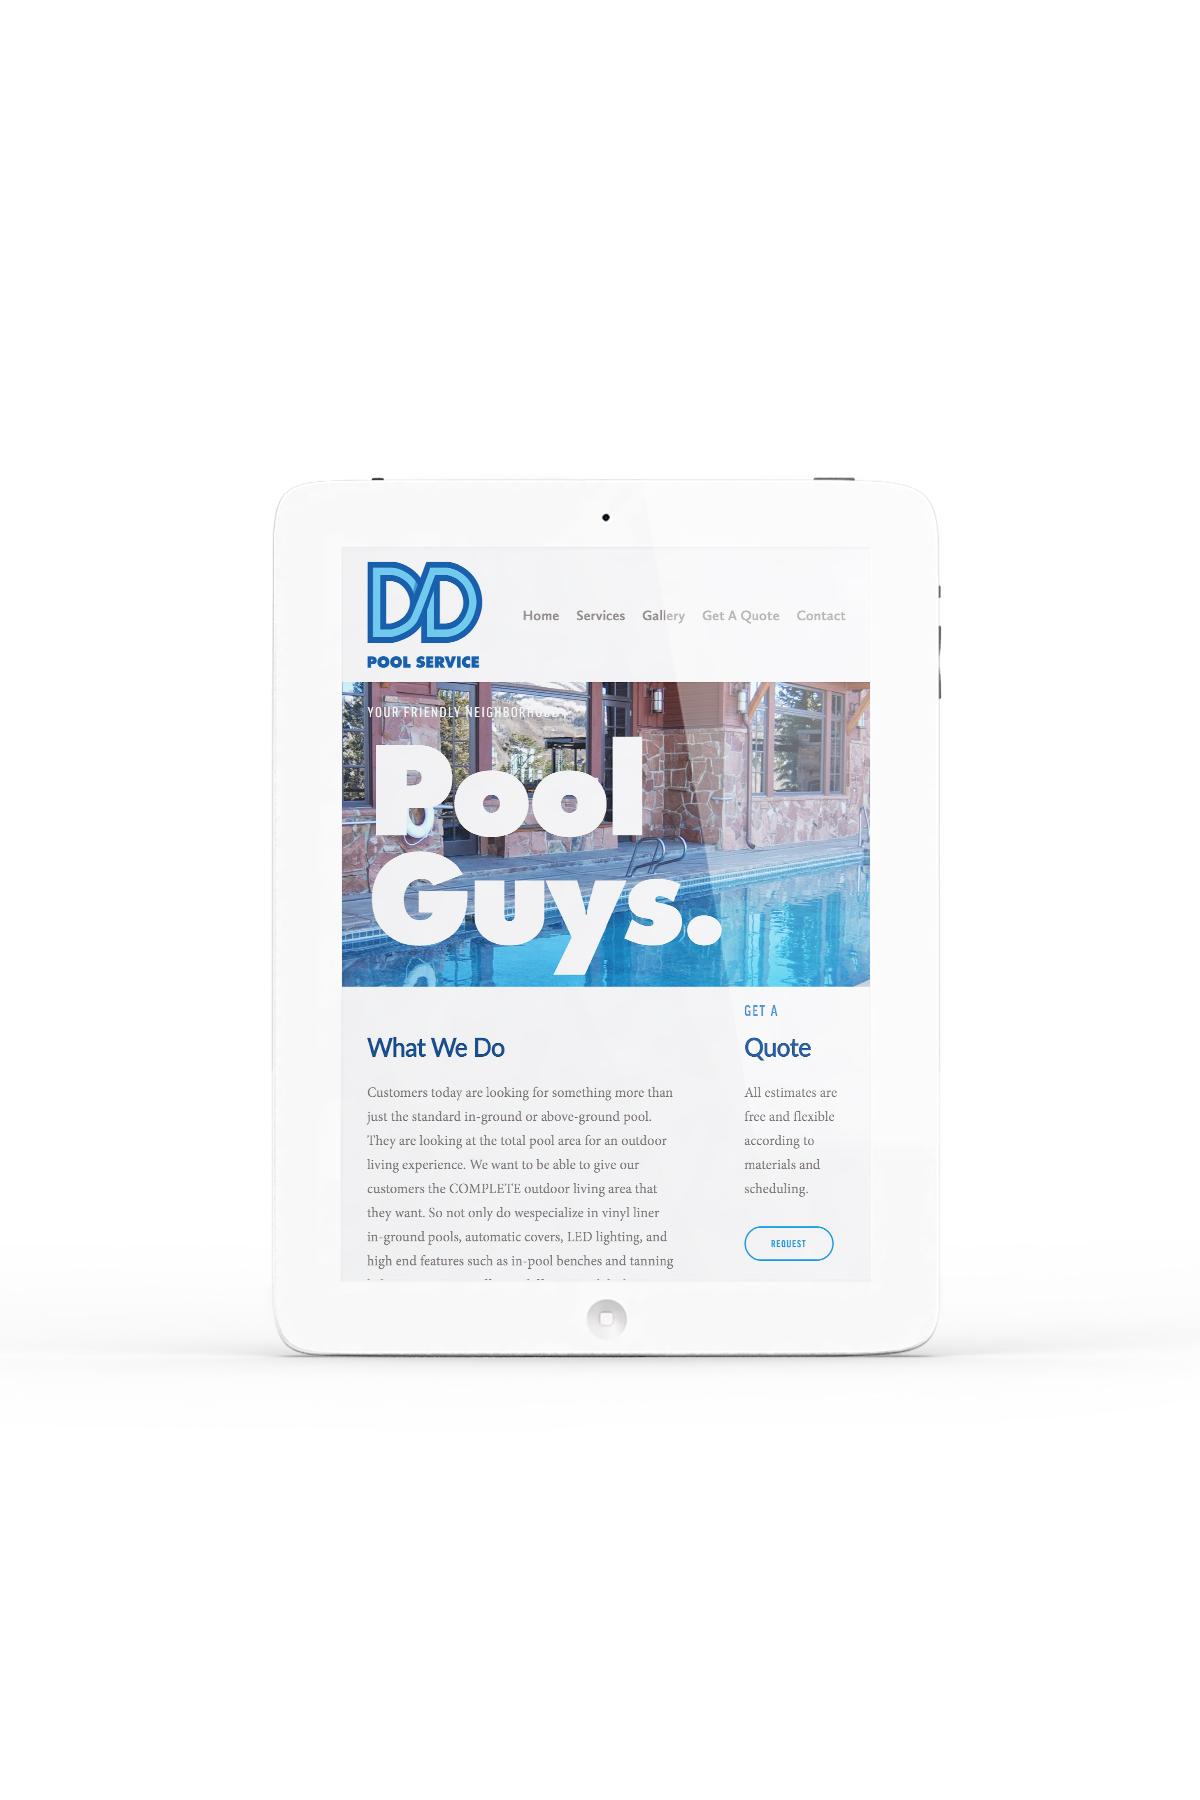 DD-Pools-Website.jpg